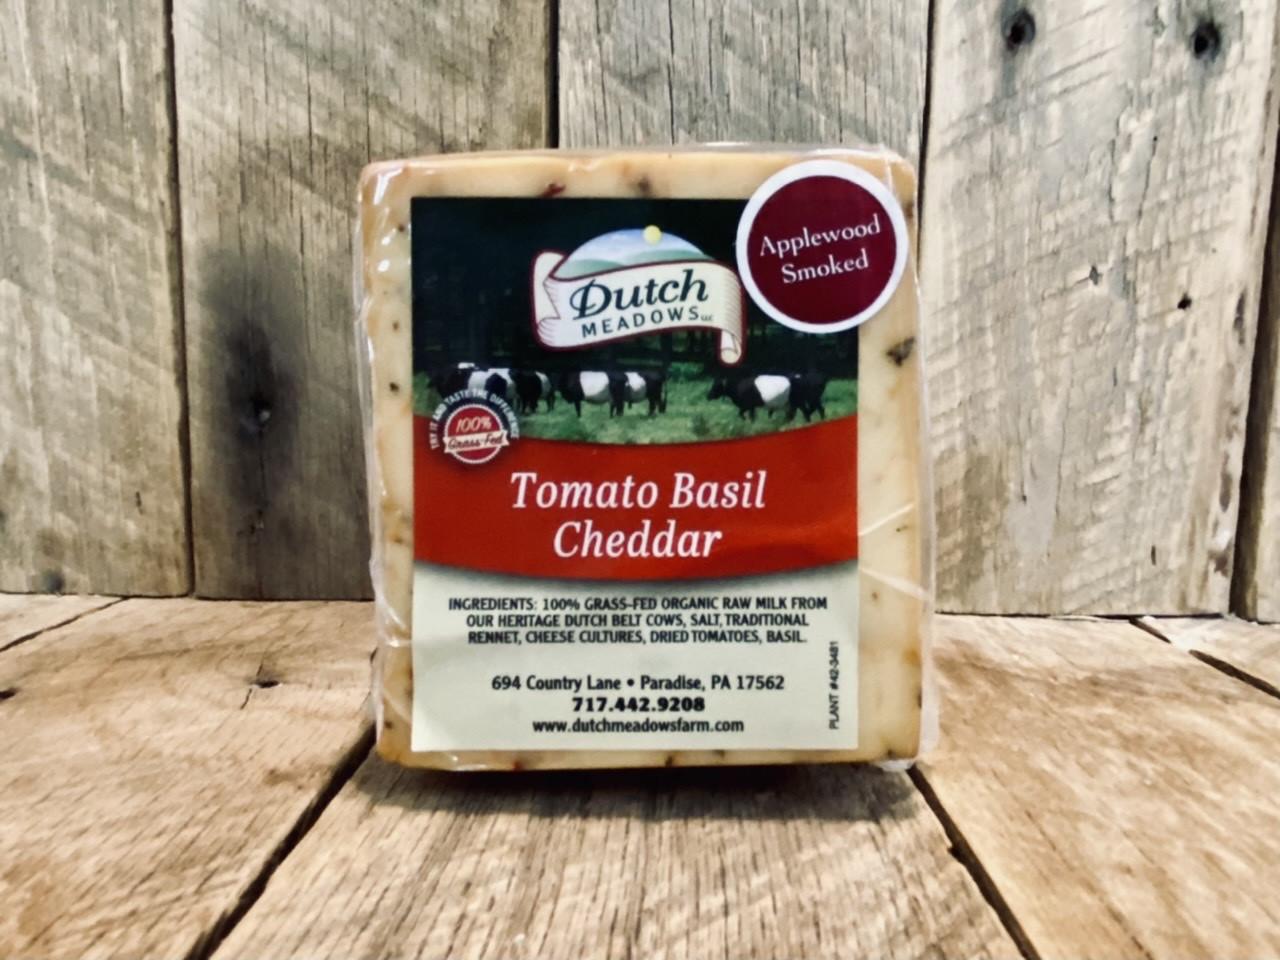 8 oz Smoked Tomato Basil Cheddar